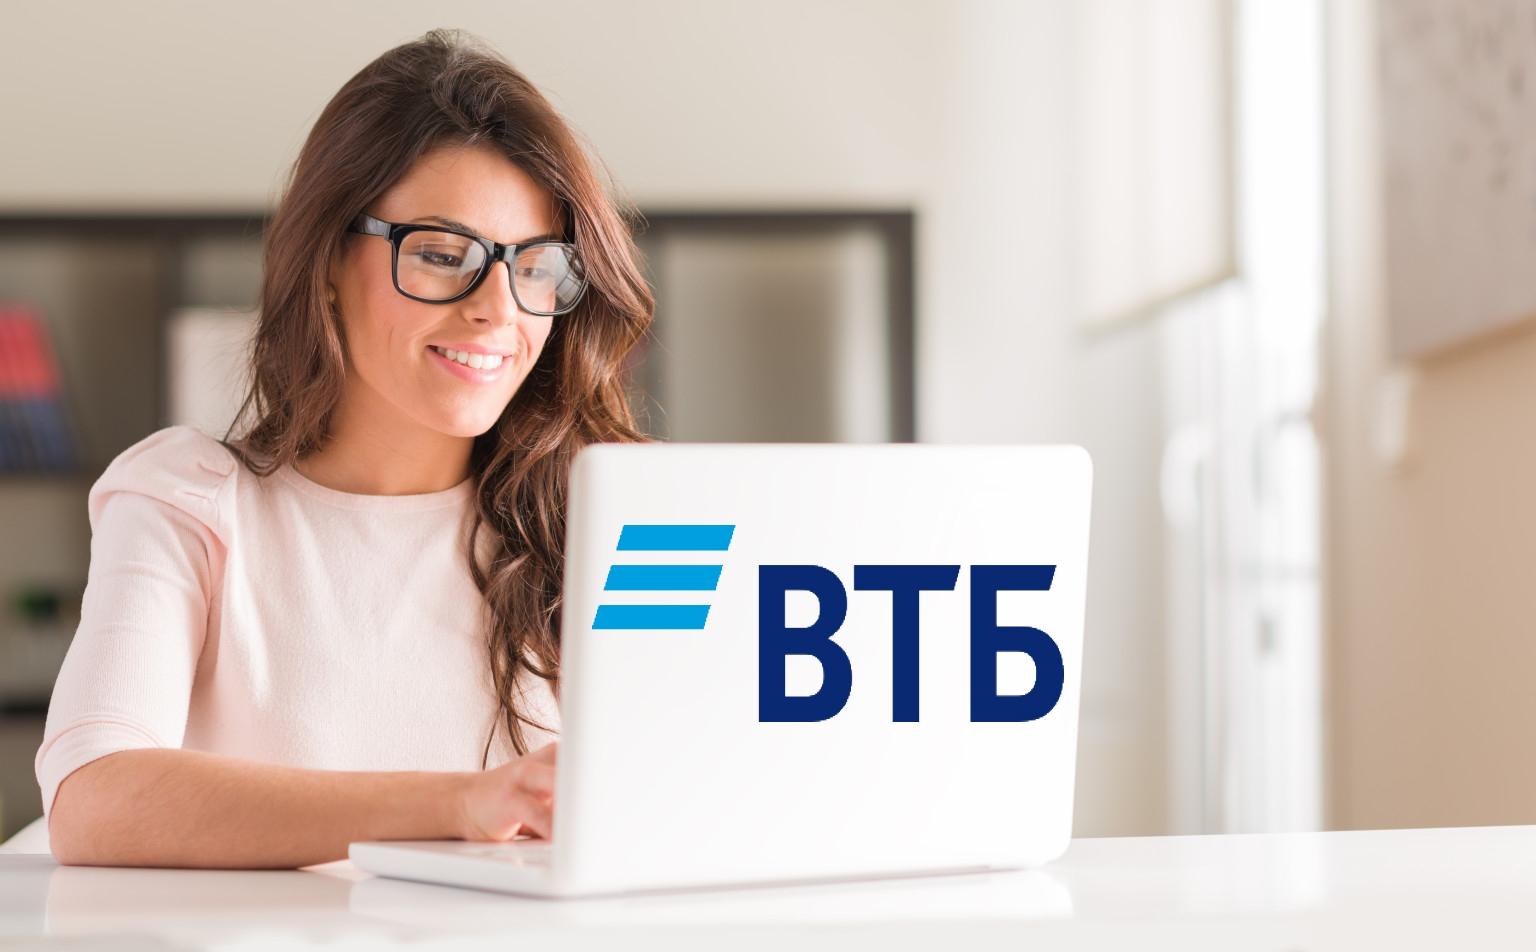 Оплата услуг ВТБ-онлайн